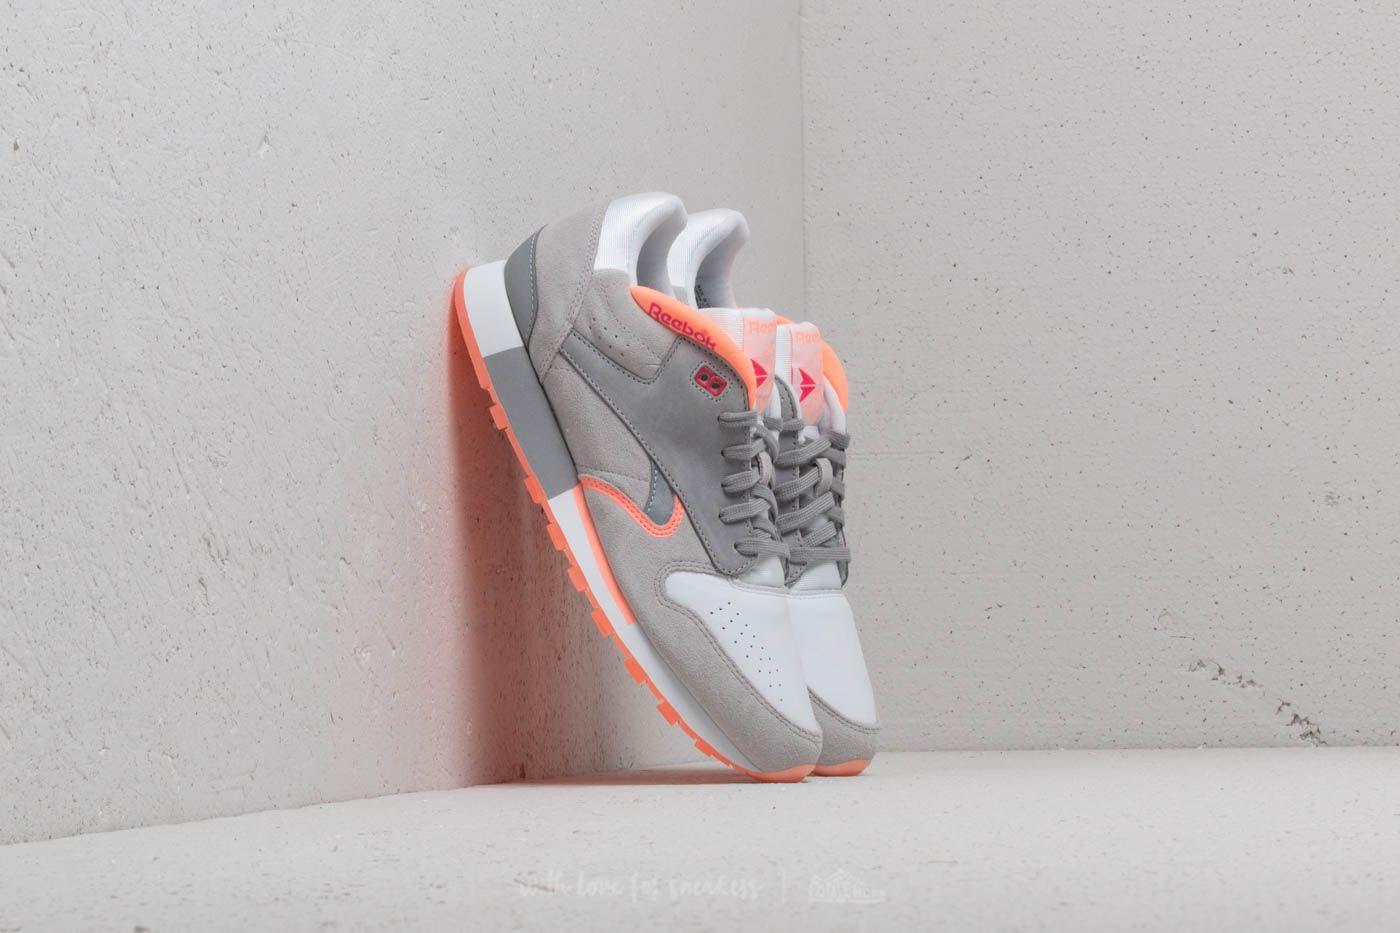 Reebok Classic Leather Urge White/ S Grey/ D Pink/ Pink za skvělou cenu 950 Kč koupíte na Footshop.cz